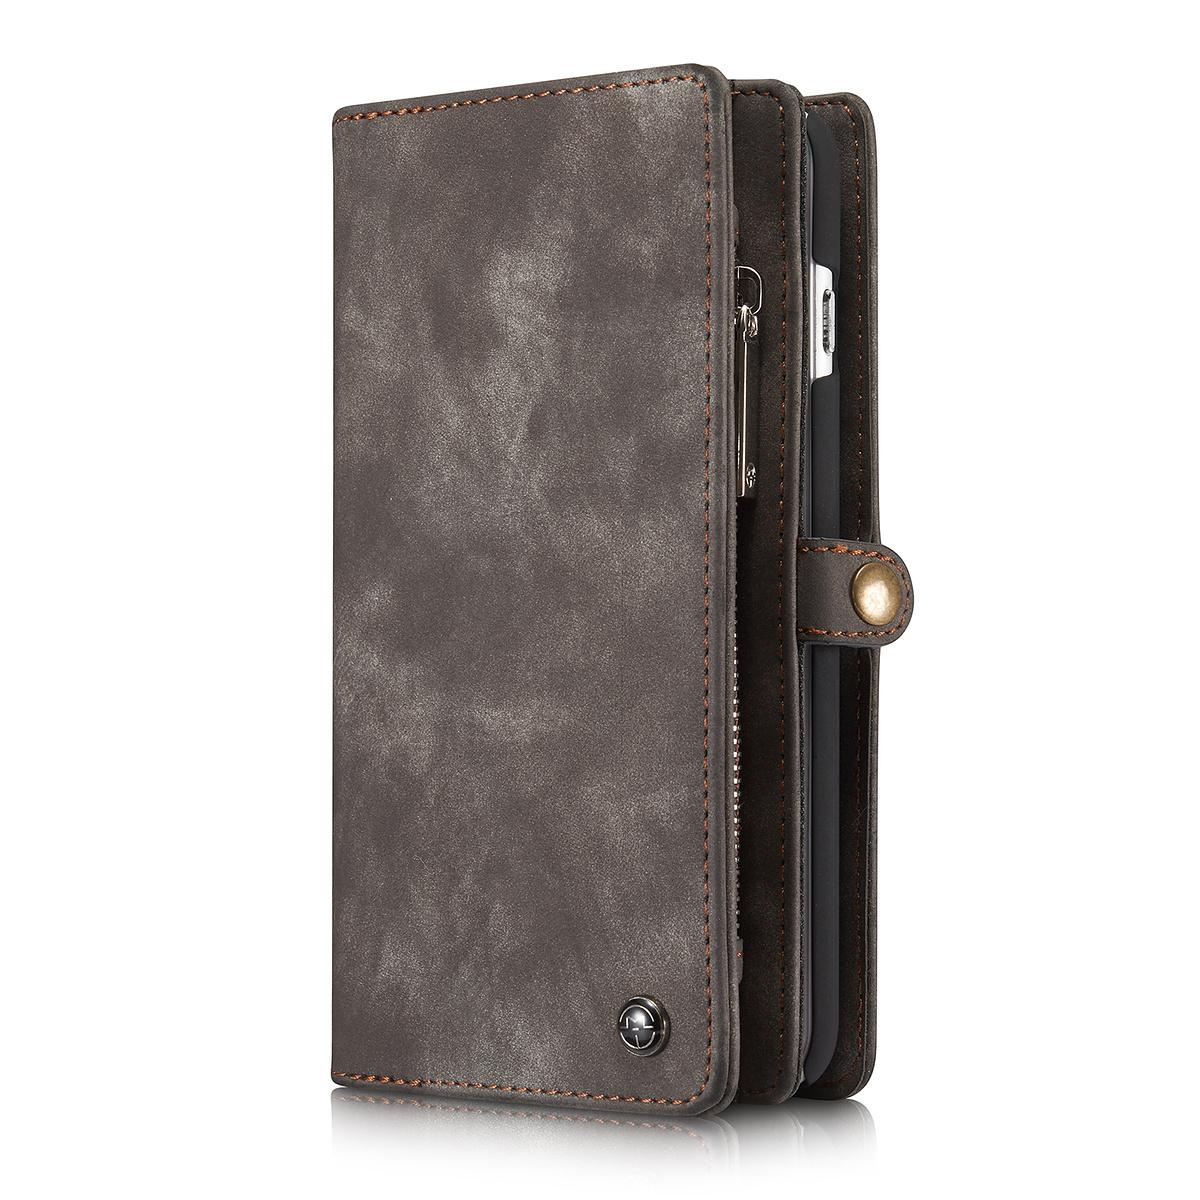 CaseMe plånboksfodral med magnetskal, iPhone 6/6S Plus, svart